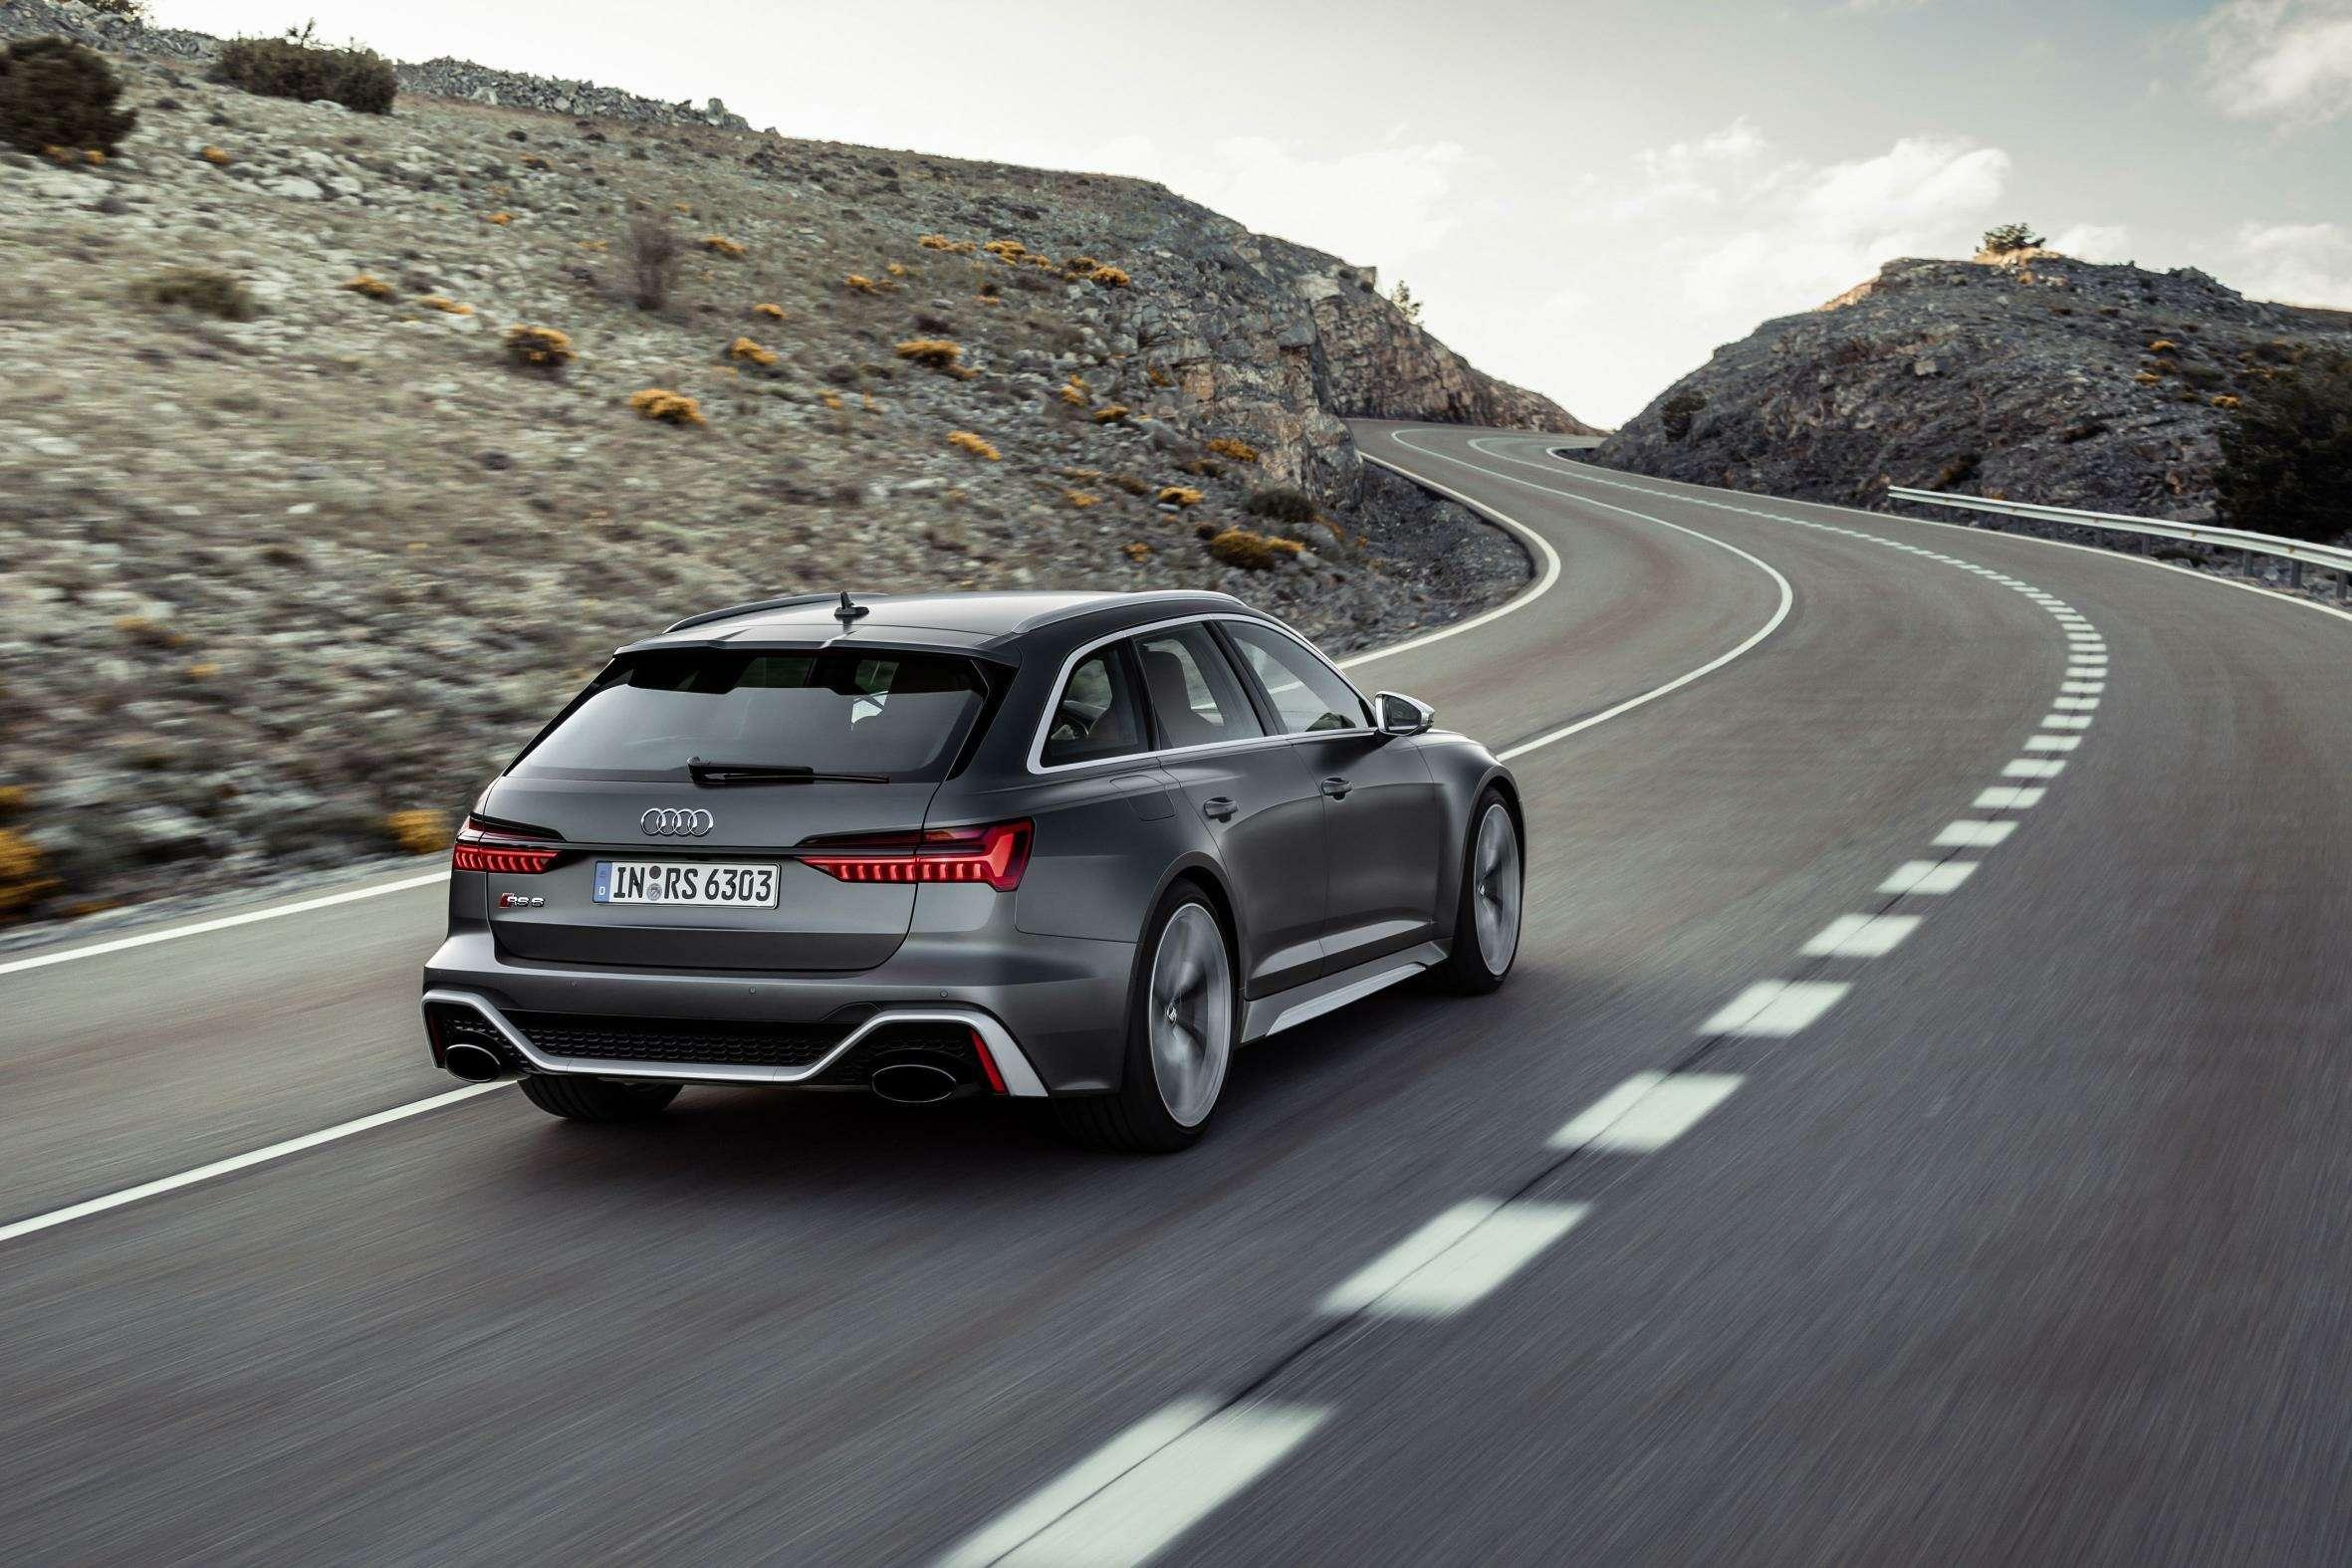 Audi сделала 600-сильный универсал A6с фарами отA7